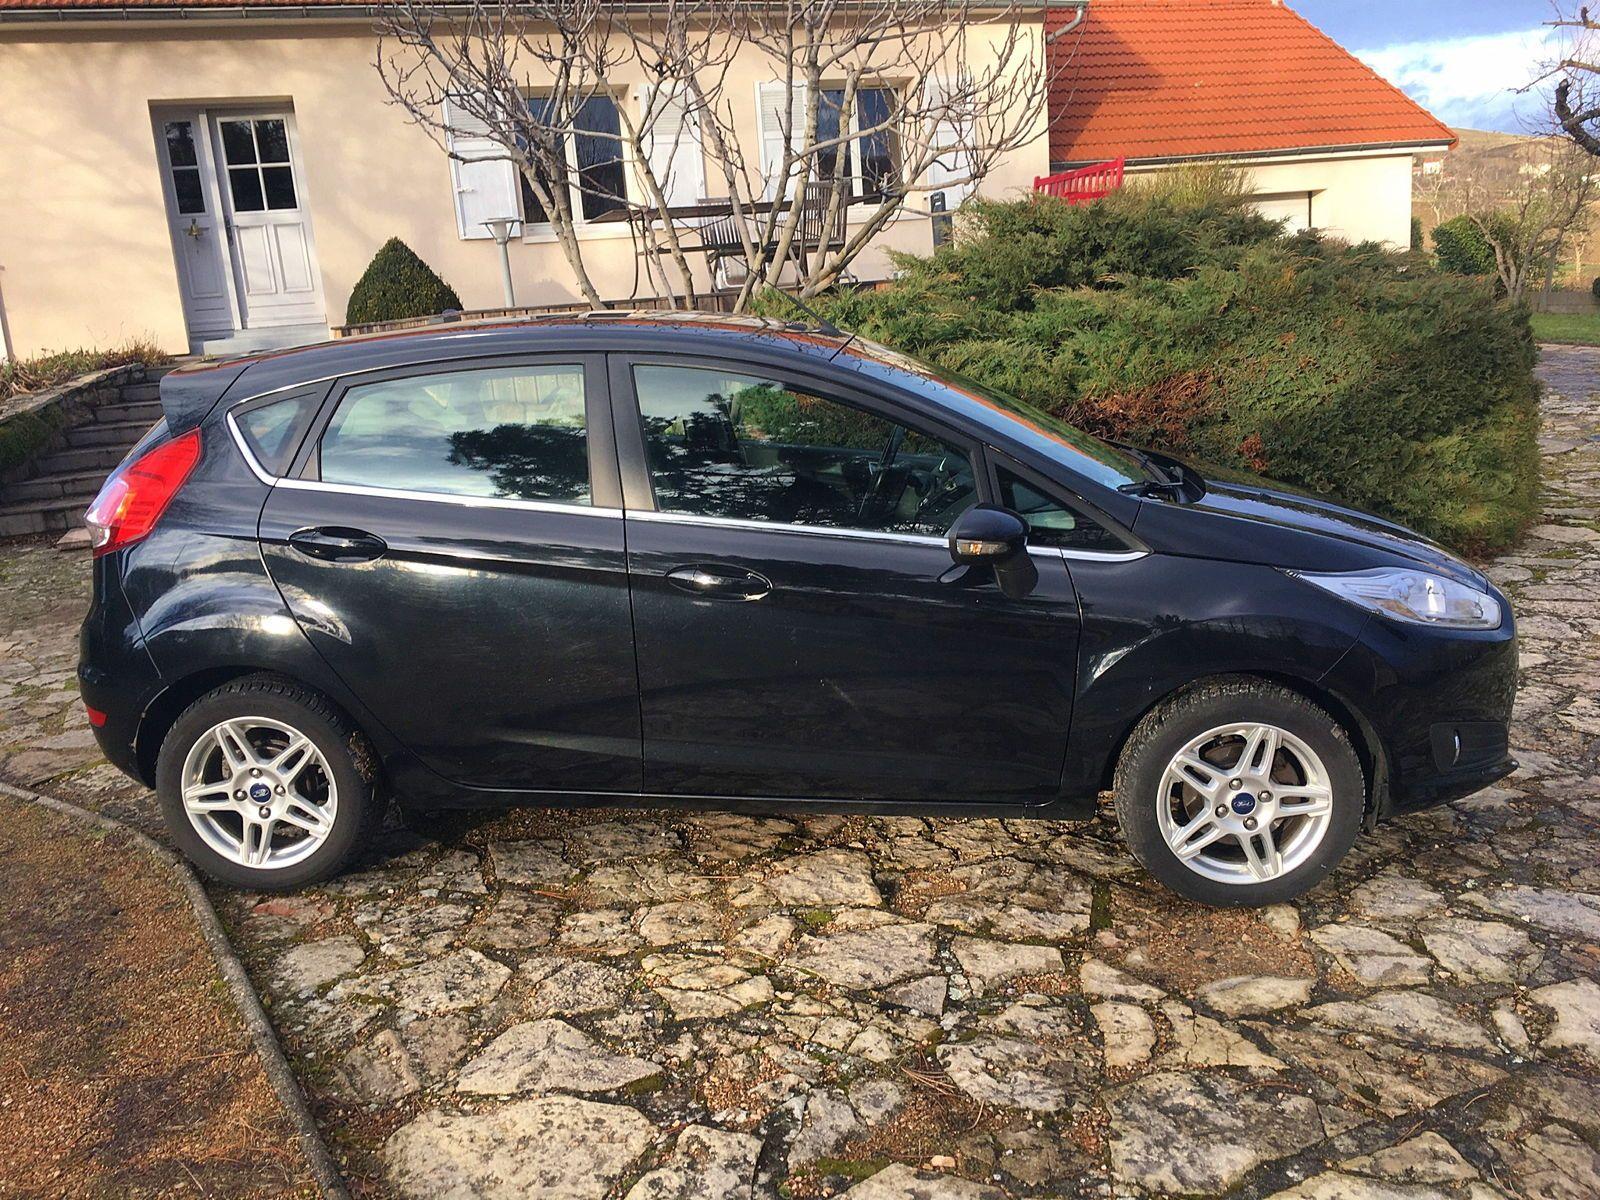 Vends Ford Fiesta tdci 70Titanium - 2013, 163500km